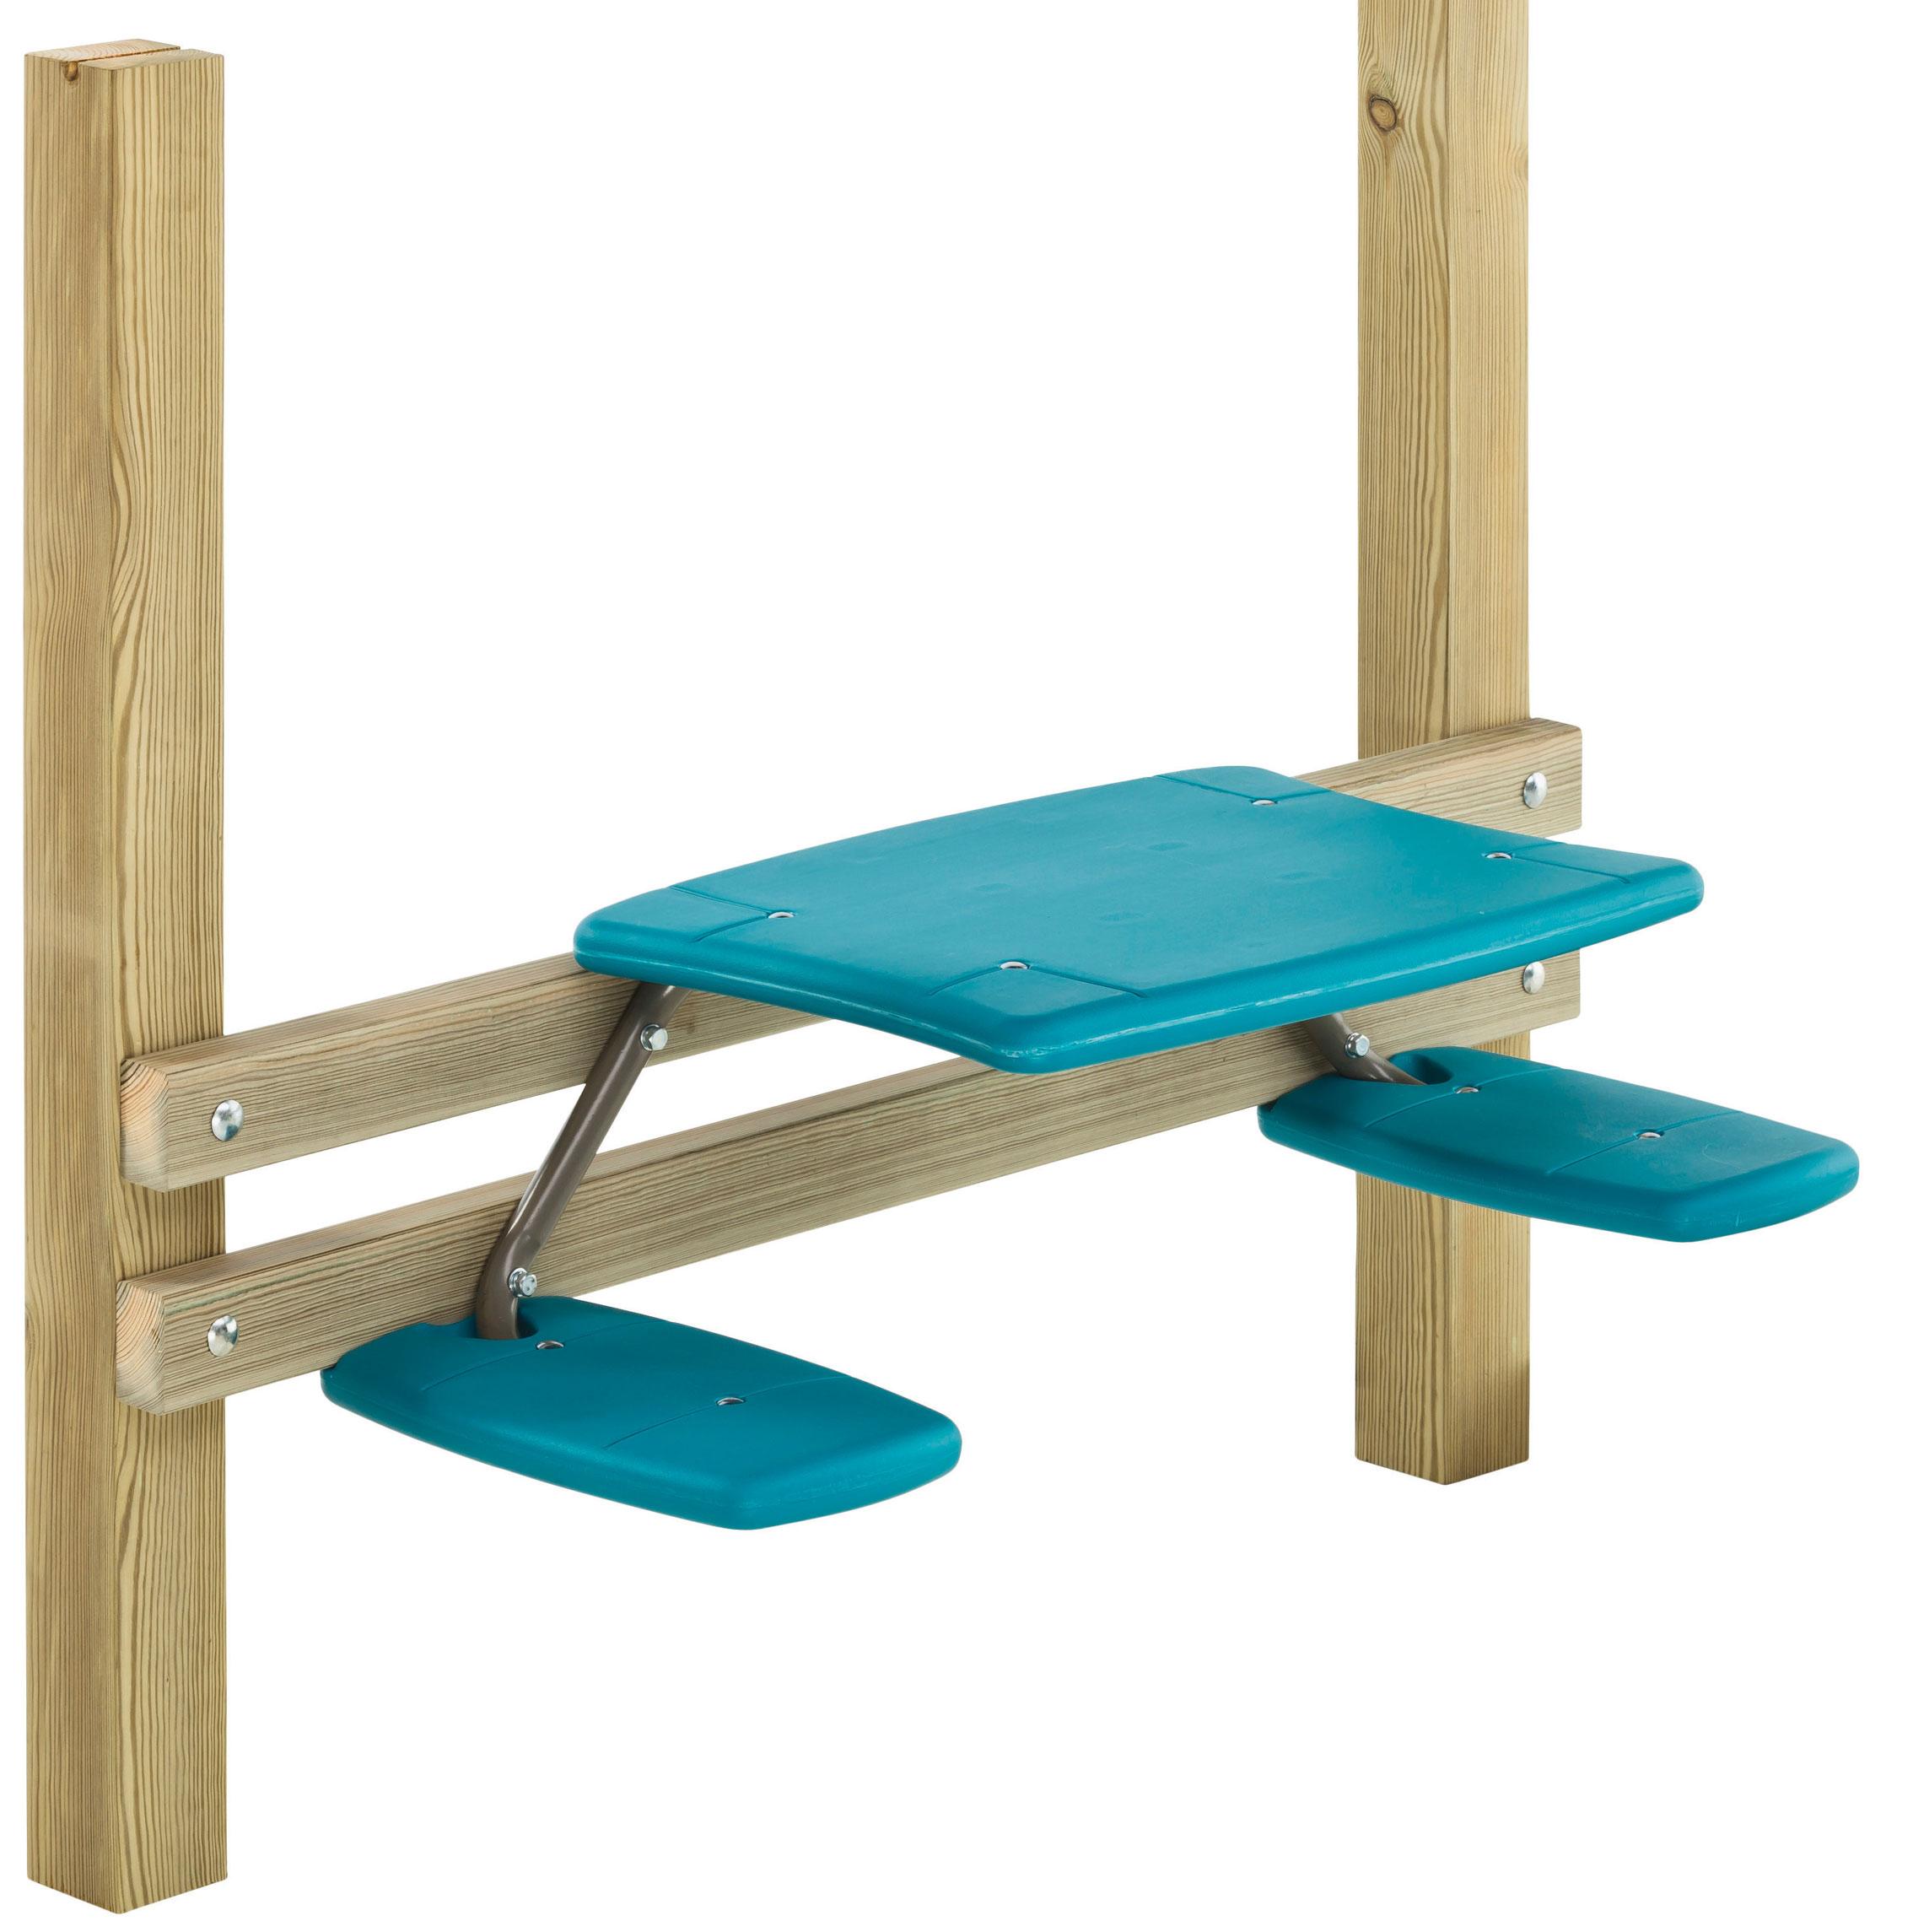 Tisch mit Stühlen Picknick türkis zum Anbau an Spiel- und Stelzenhaus Bild 1